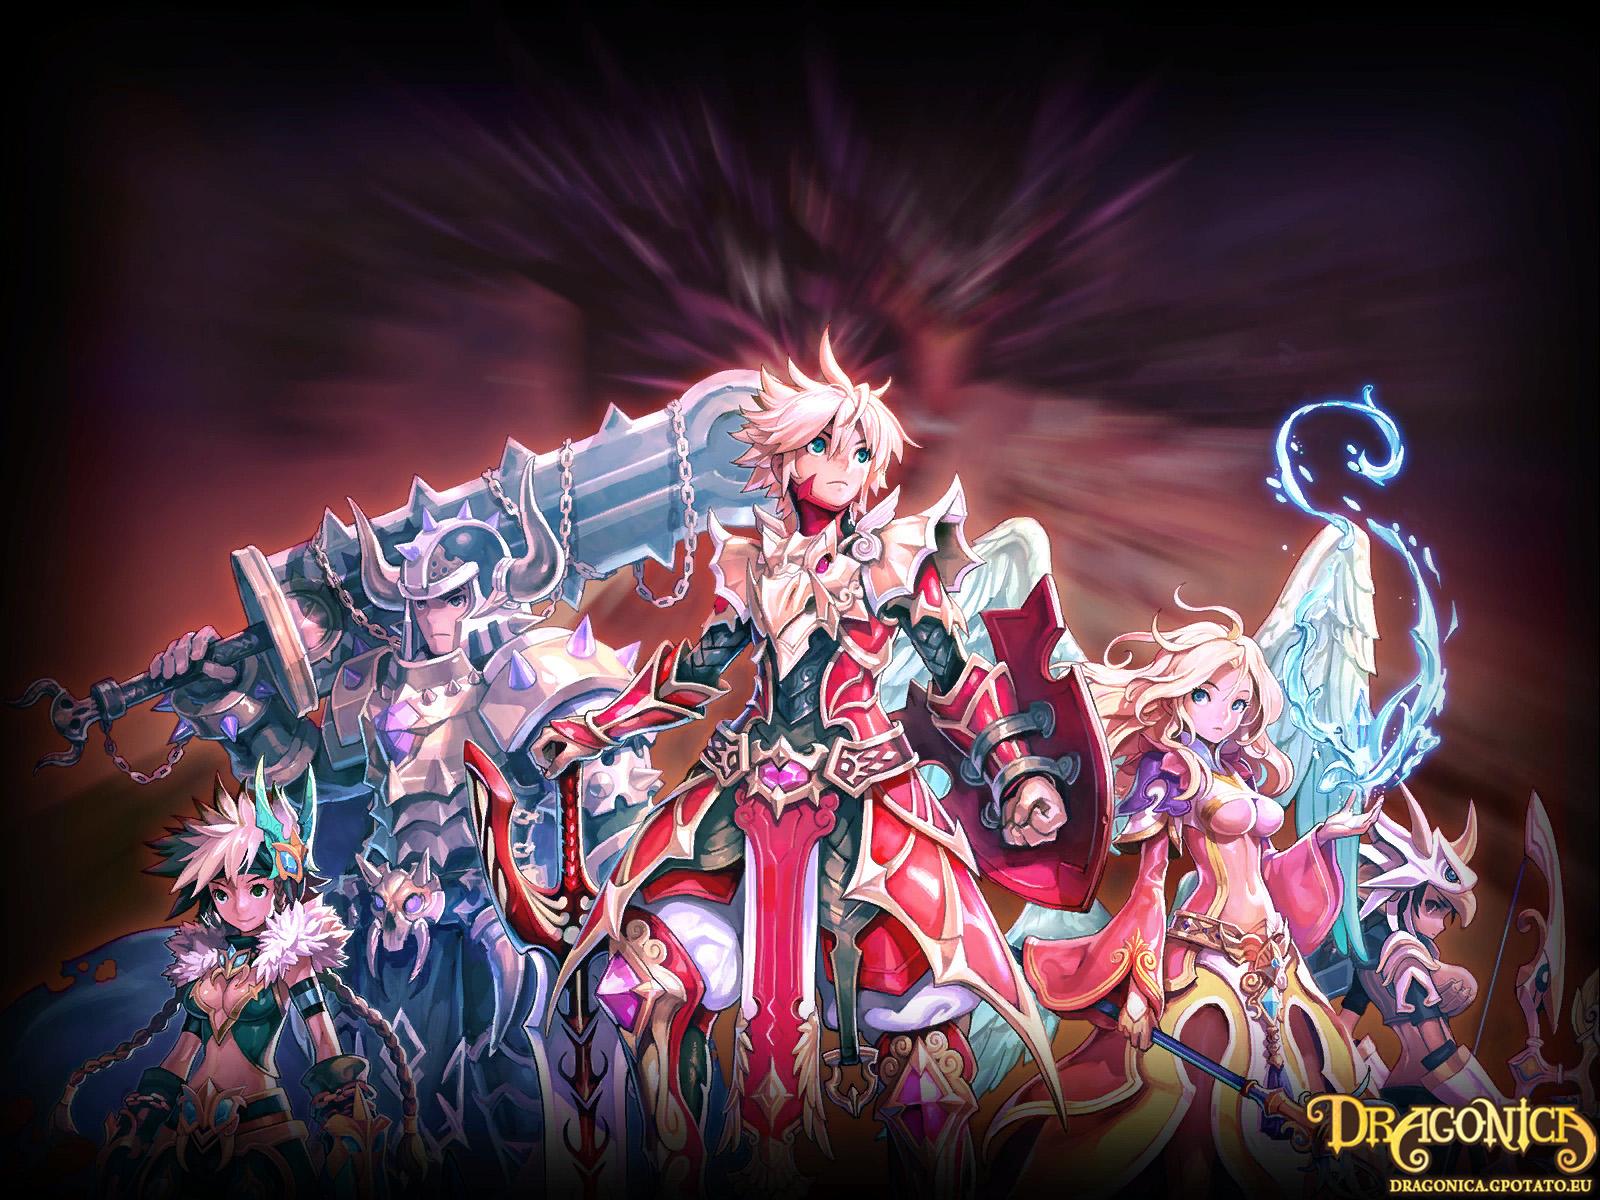 Klicke auf die Grafik für eine größere AnsichtName:Dragonica-artwork-ready for battle.jpgHits:38Größe:700,0 KBID:7806